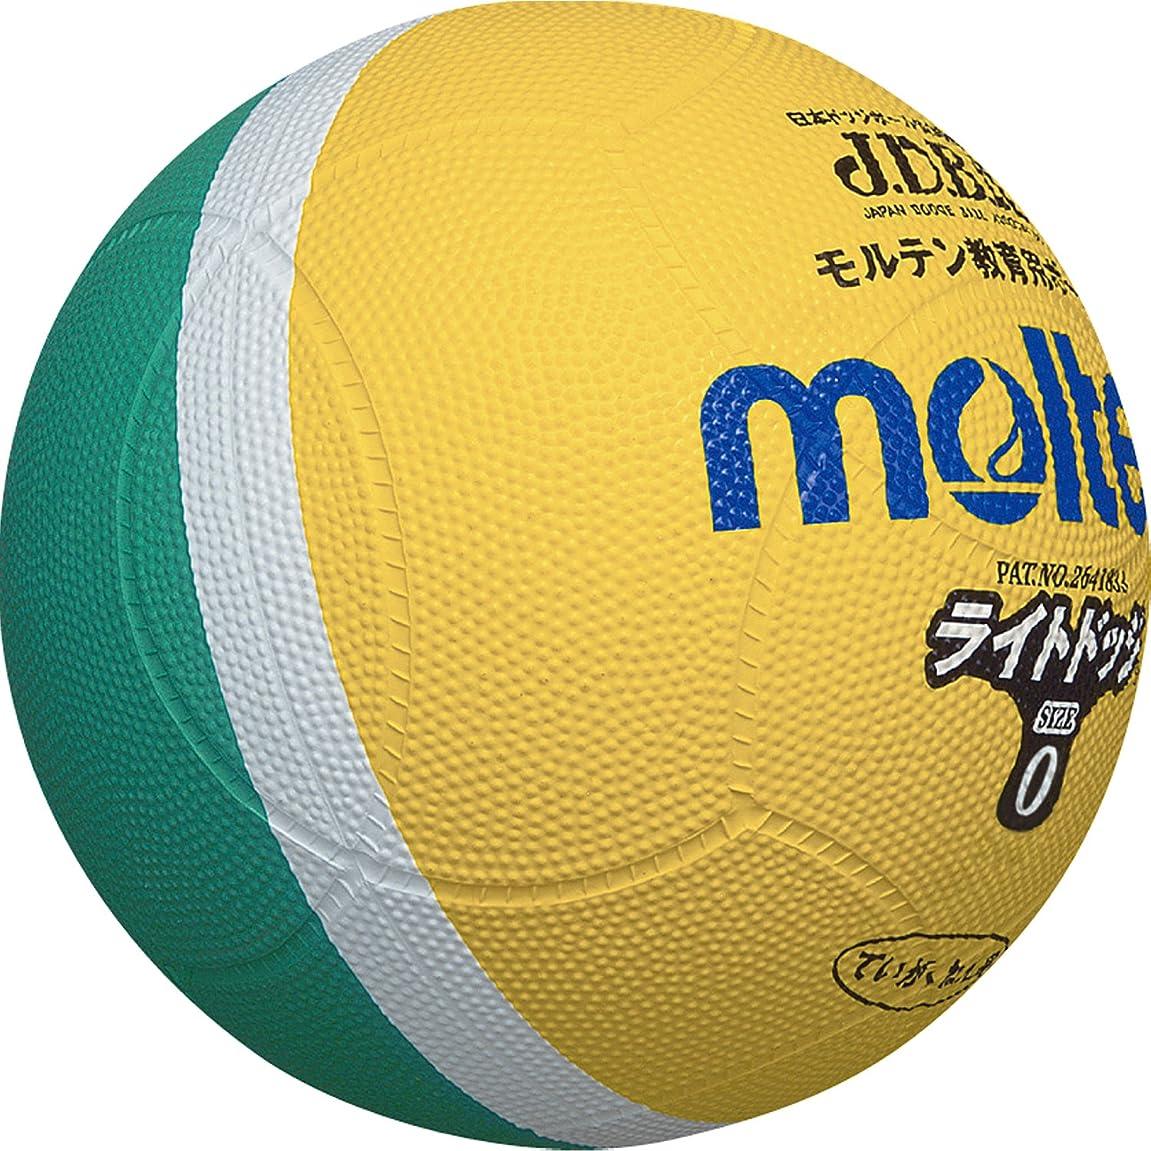 ハム飼料小康molten(モルテン) ドッジボール ライトドッジ 軽量0号球 黄×緑 SLD0ML